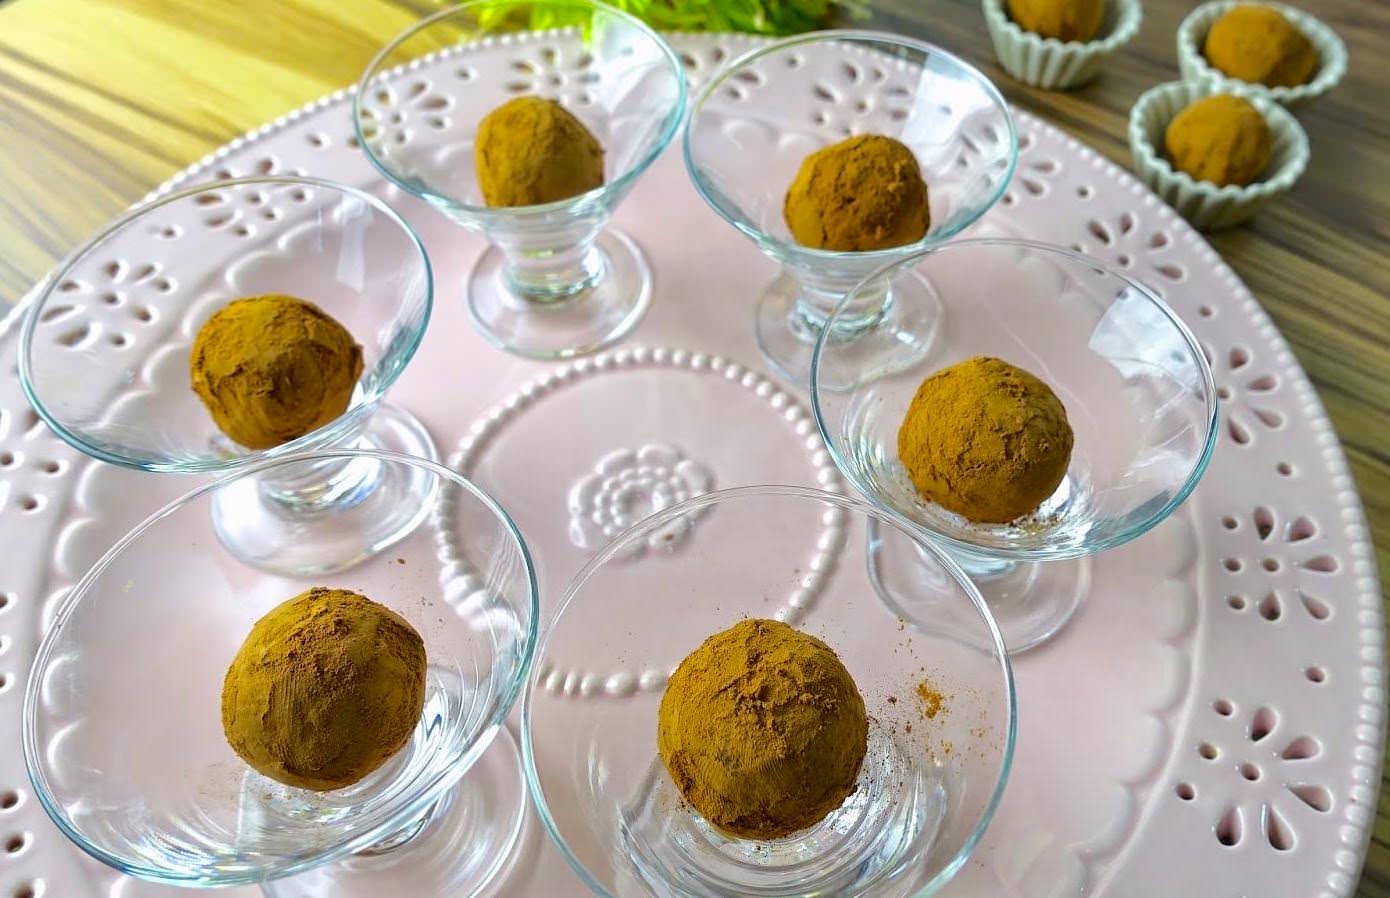 10 分鐘教你用吃不完的蛋糕做「松露巧克力蛋糕球」,簡單省錢的做法你一定要會!